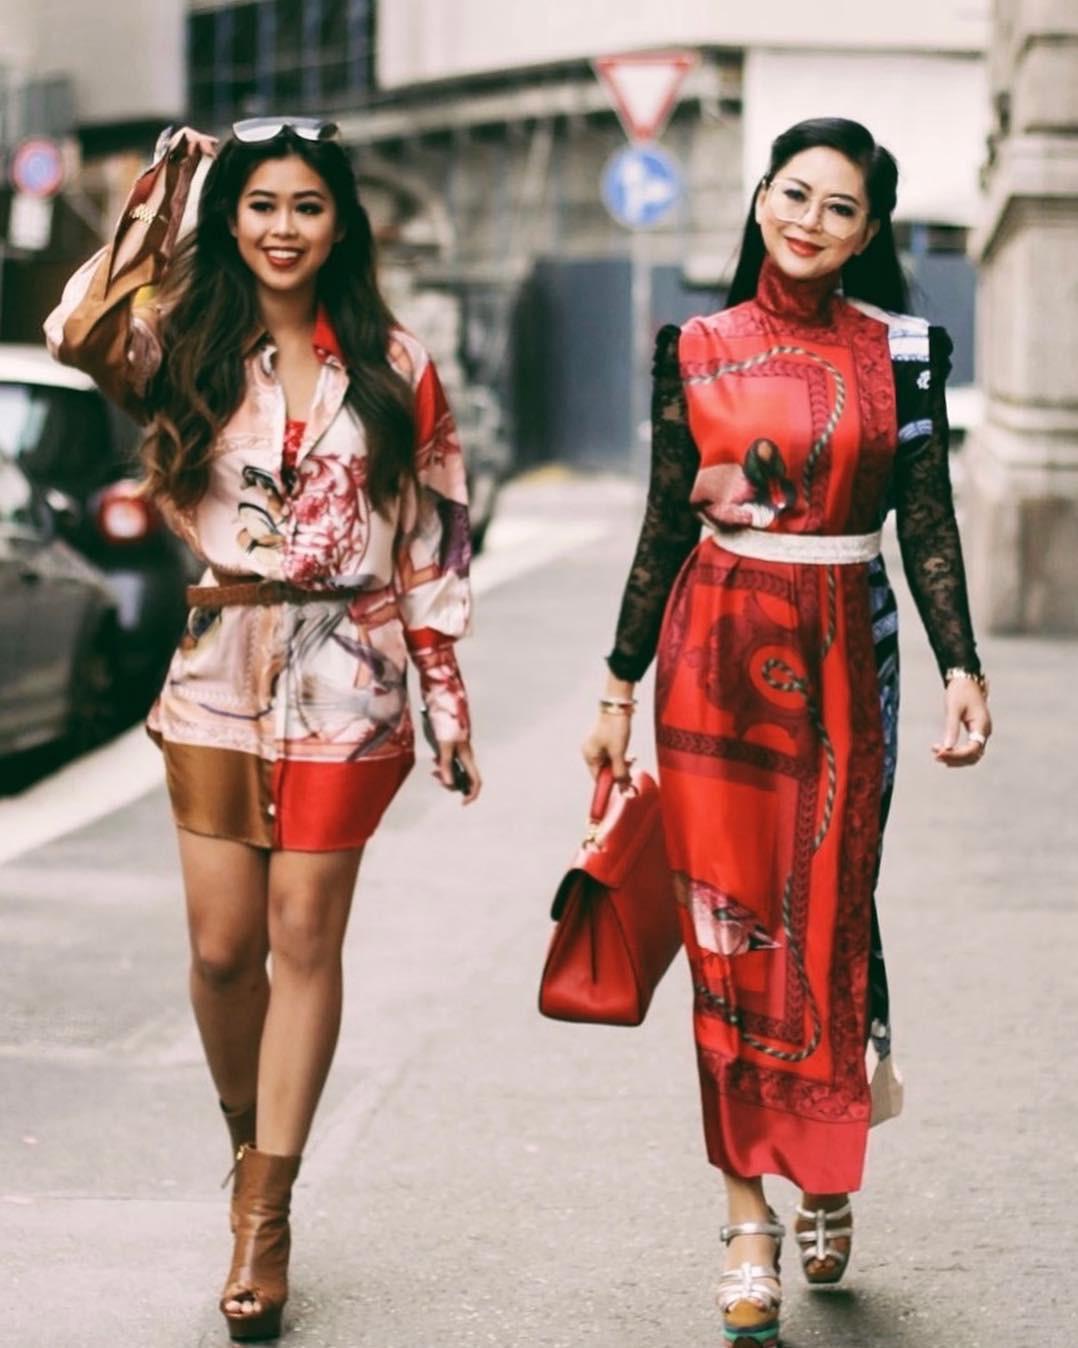 Thu mới vừa chớm mà dàn hot girl Việt đã khoe 1001 kiểu street style, kiểu nào cũng dát đầy hàng hiệu! - Ảnh 1.